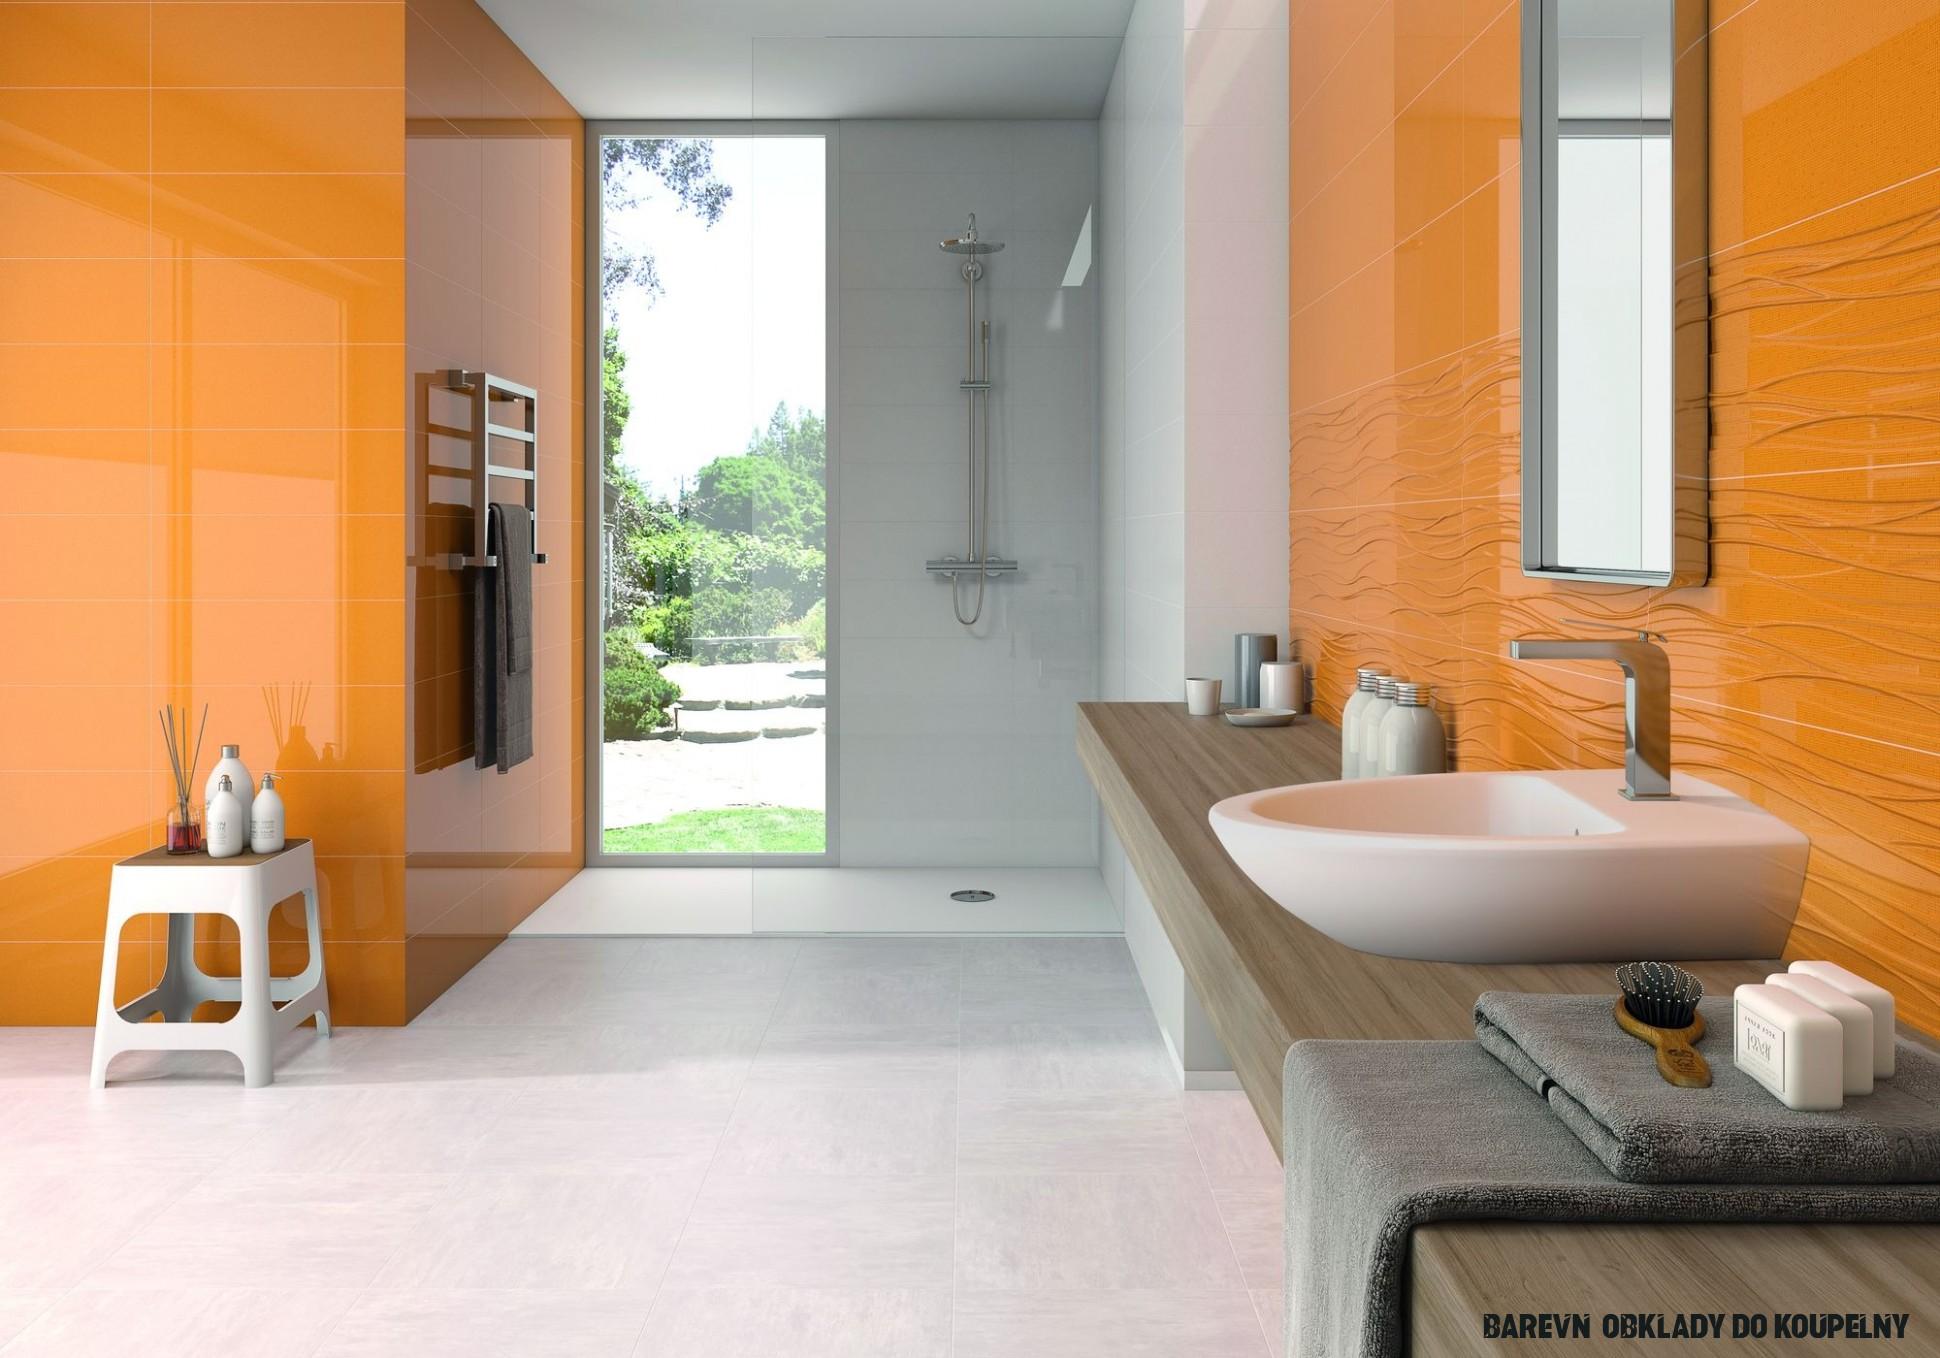 Pusťte barvy do koupelny i kuchyně. Nápadité mozaiky dají